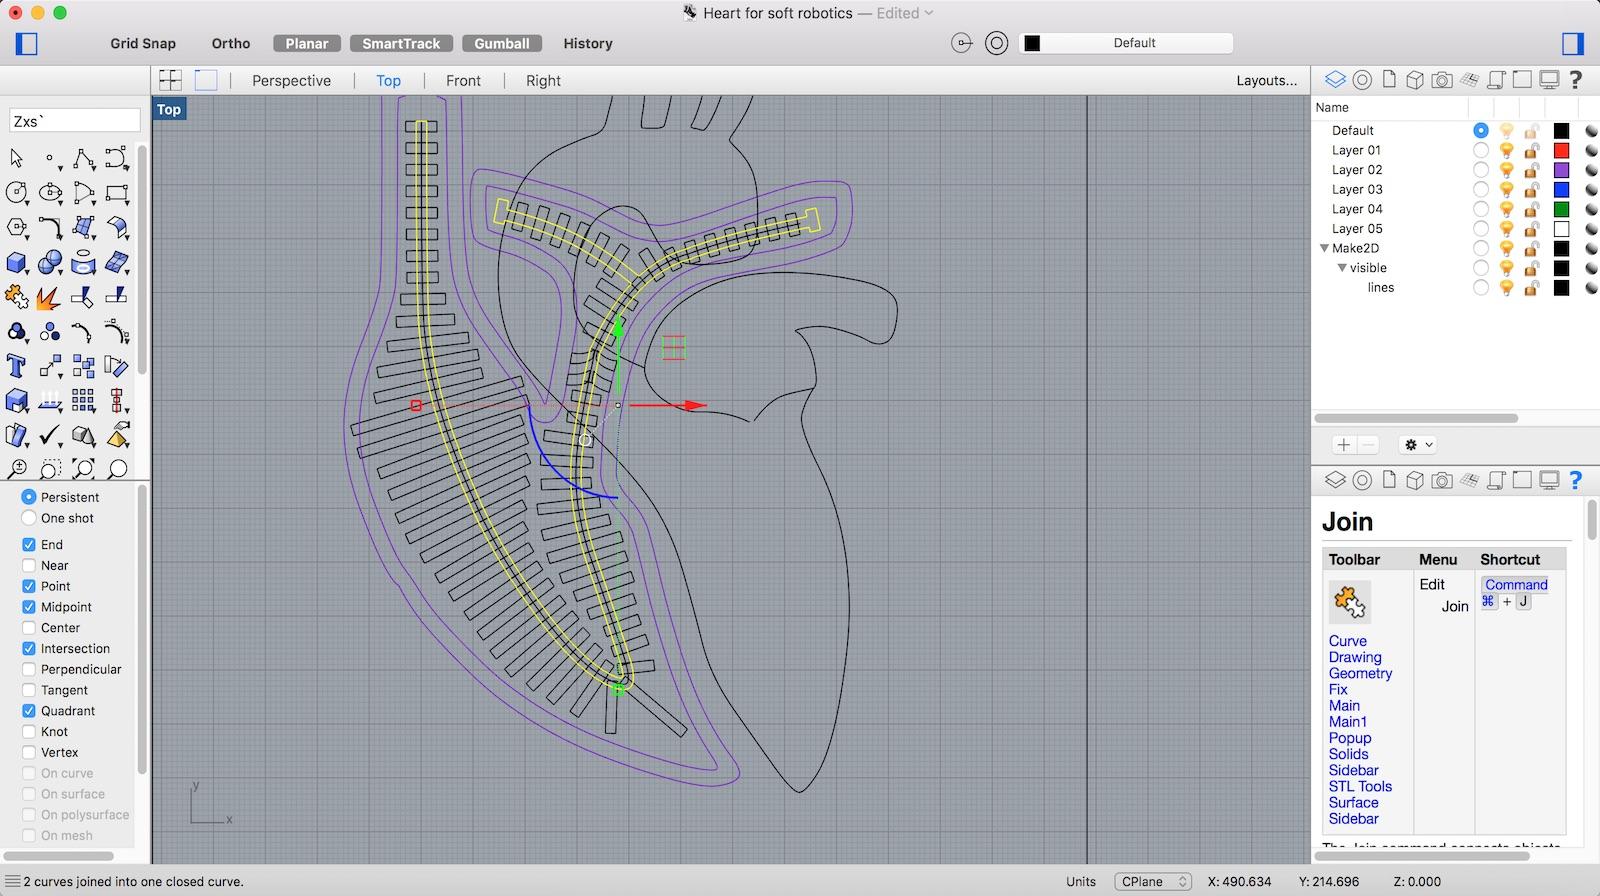 W11_heart 3d model 3.jpg